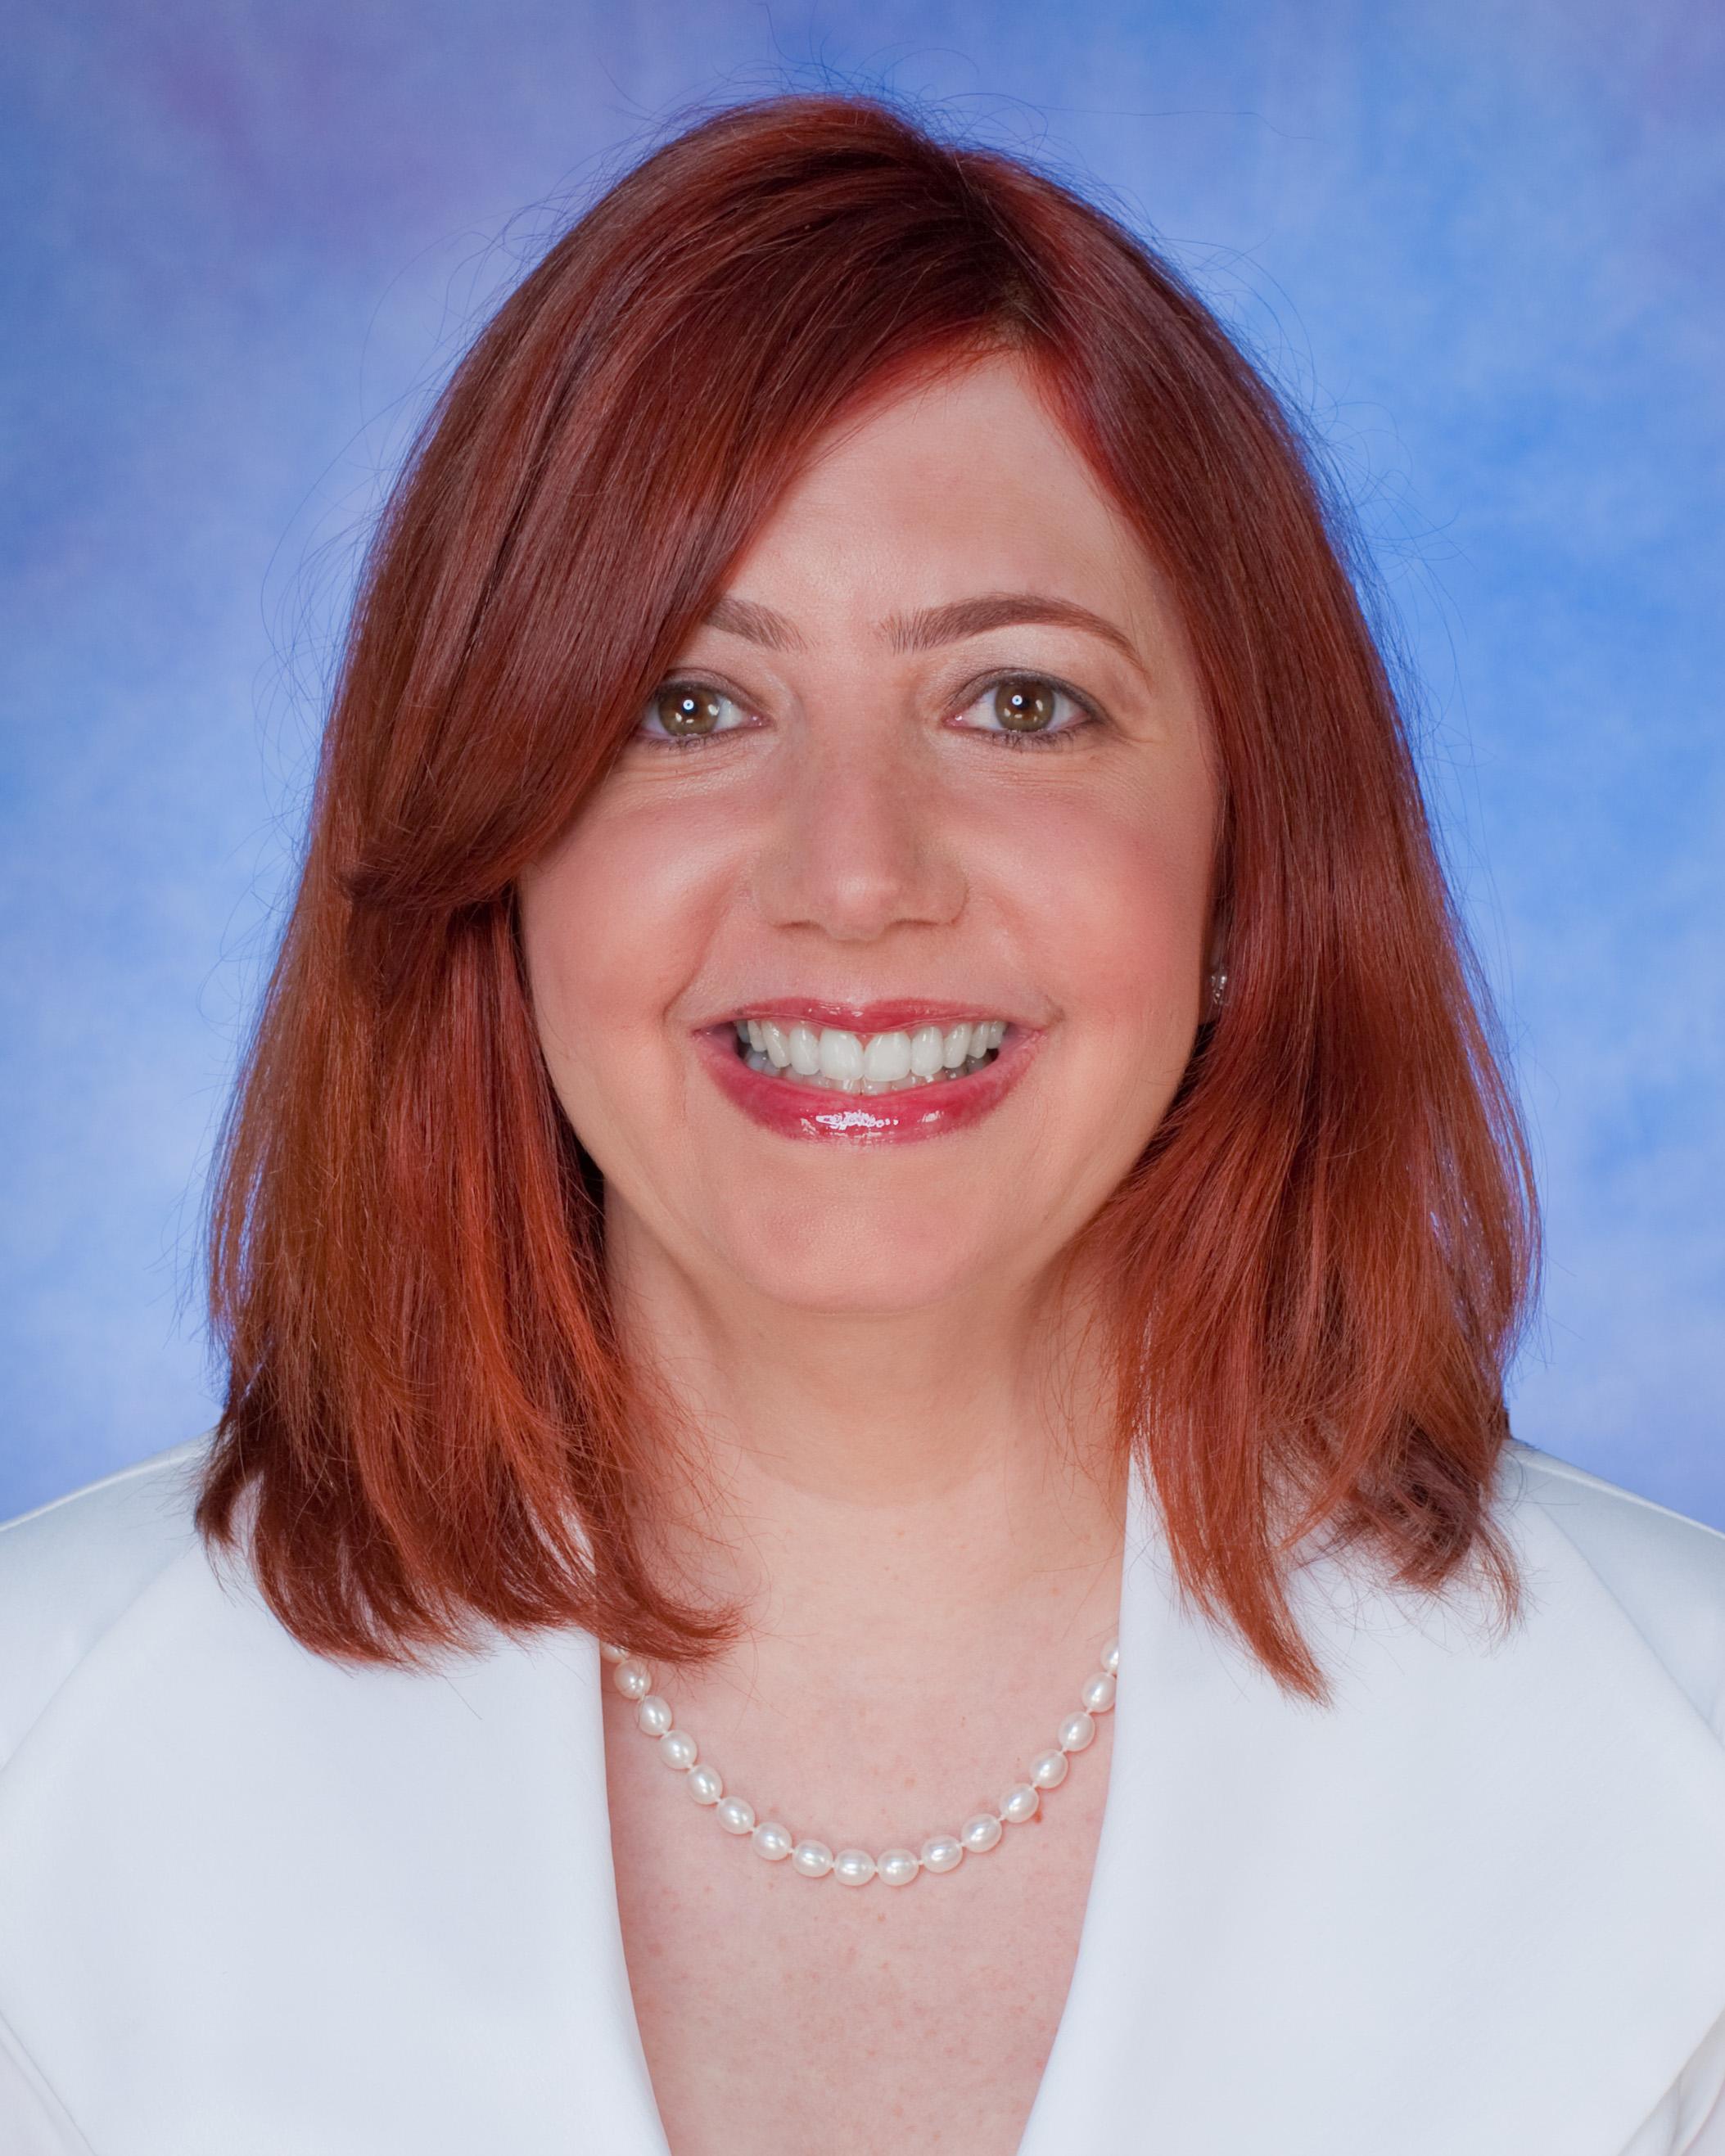 Speaker: Abby Kohut